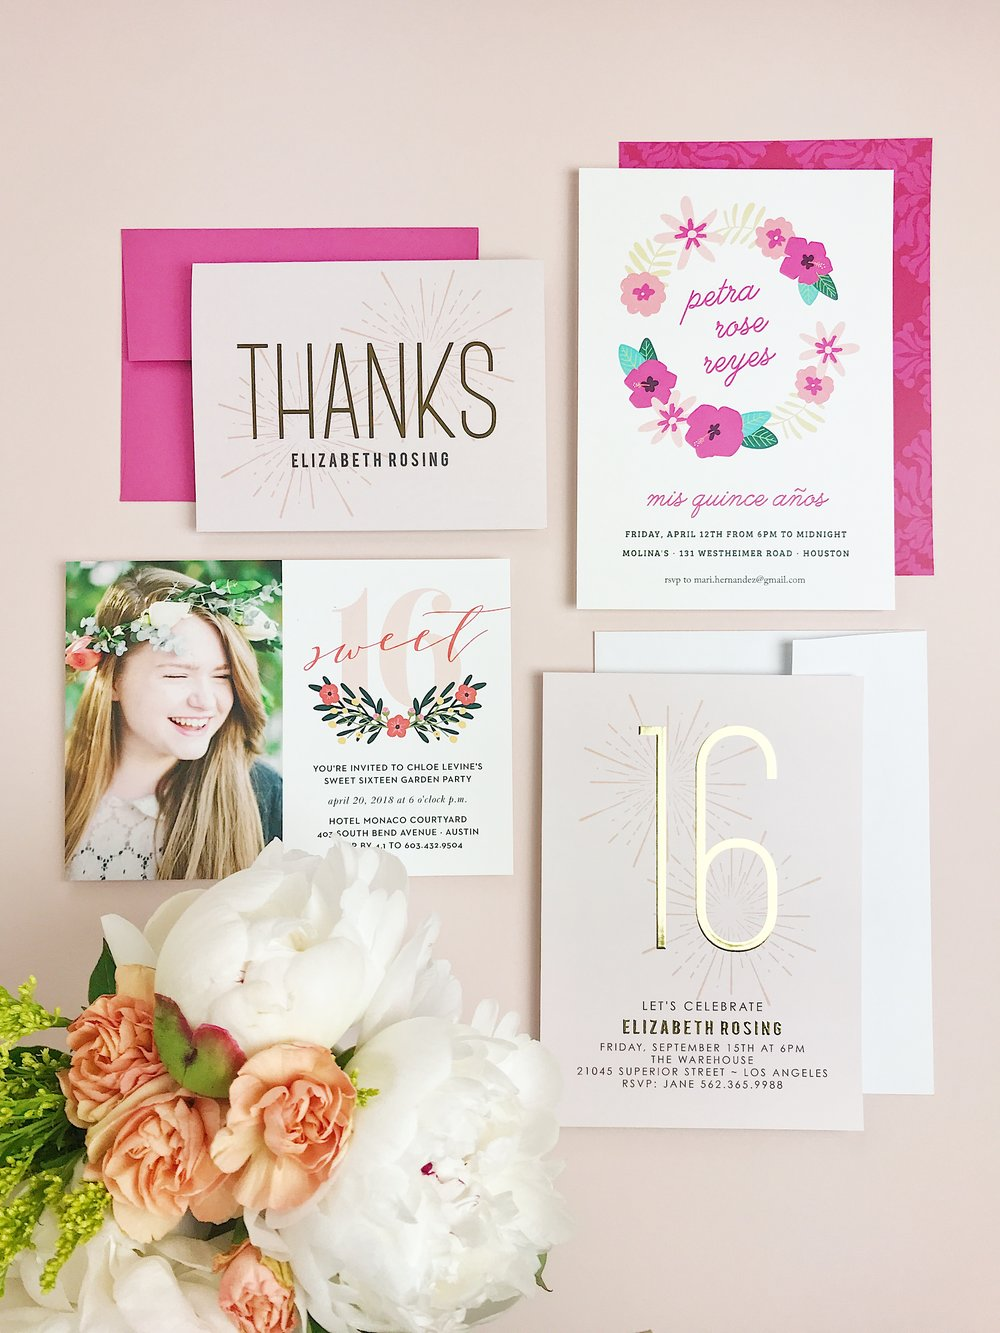 Basic_Invite_Birthday_invitations_5.jpg